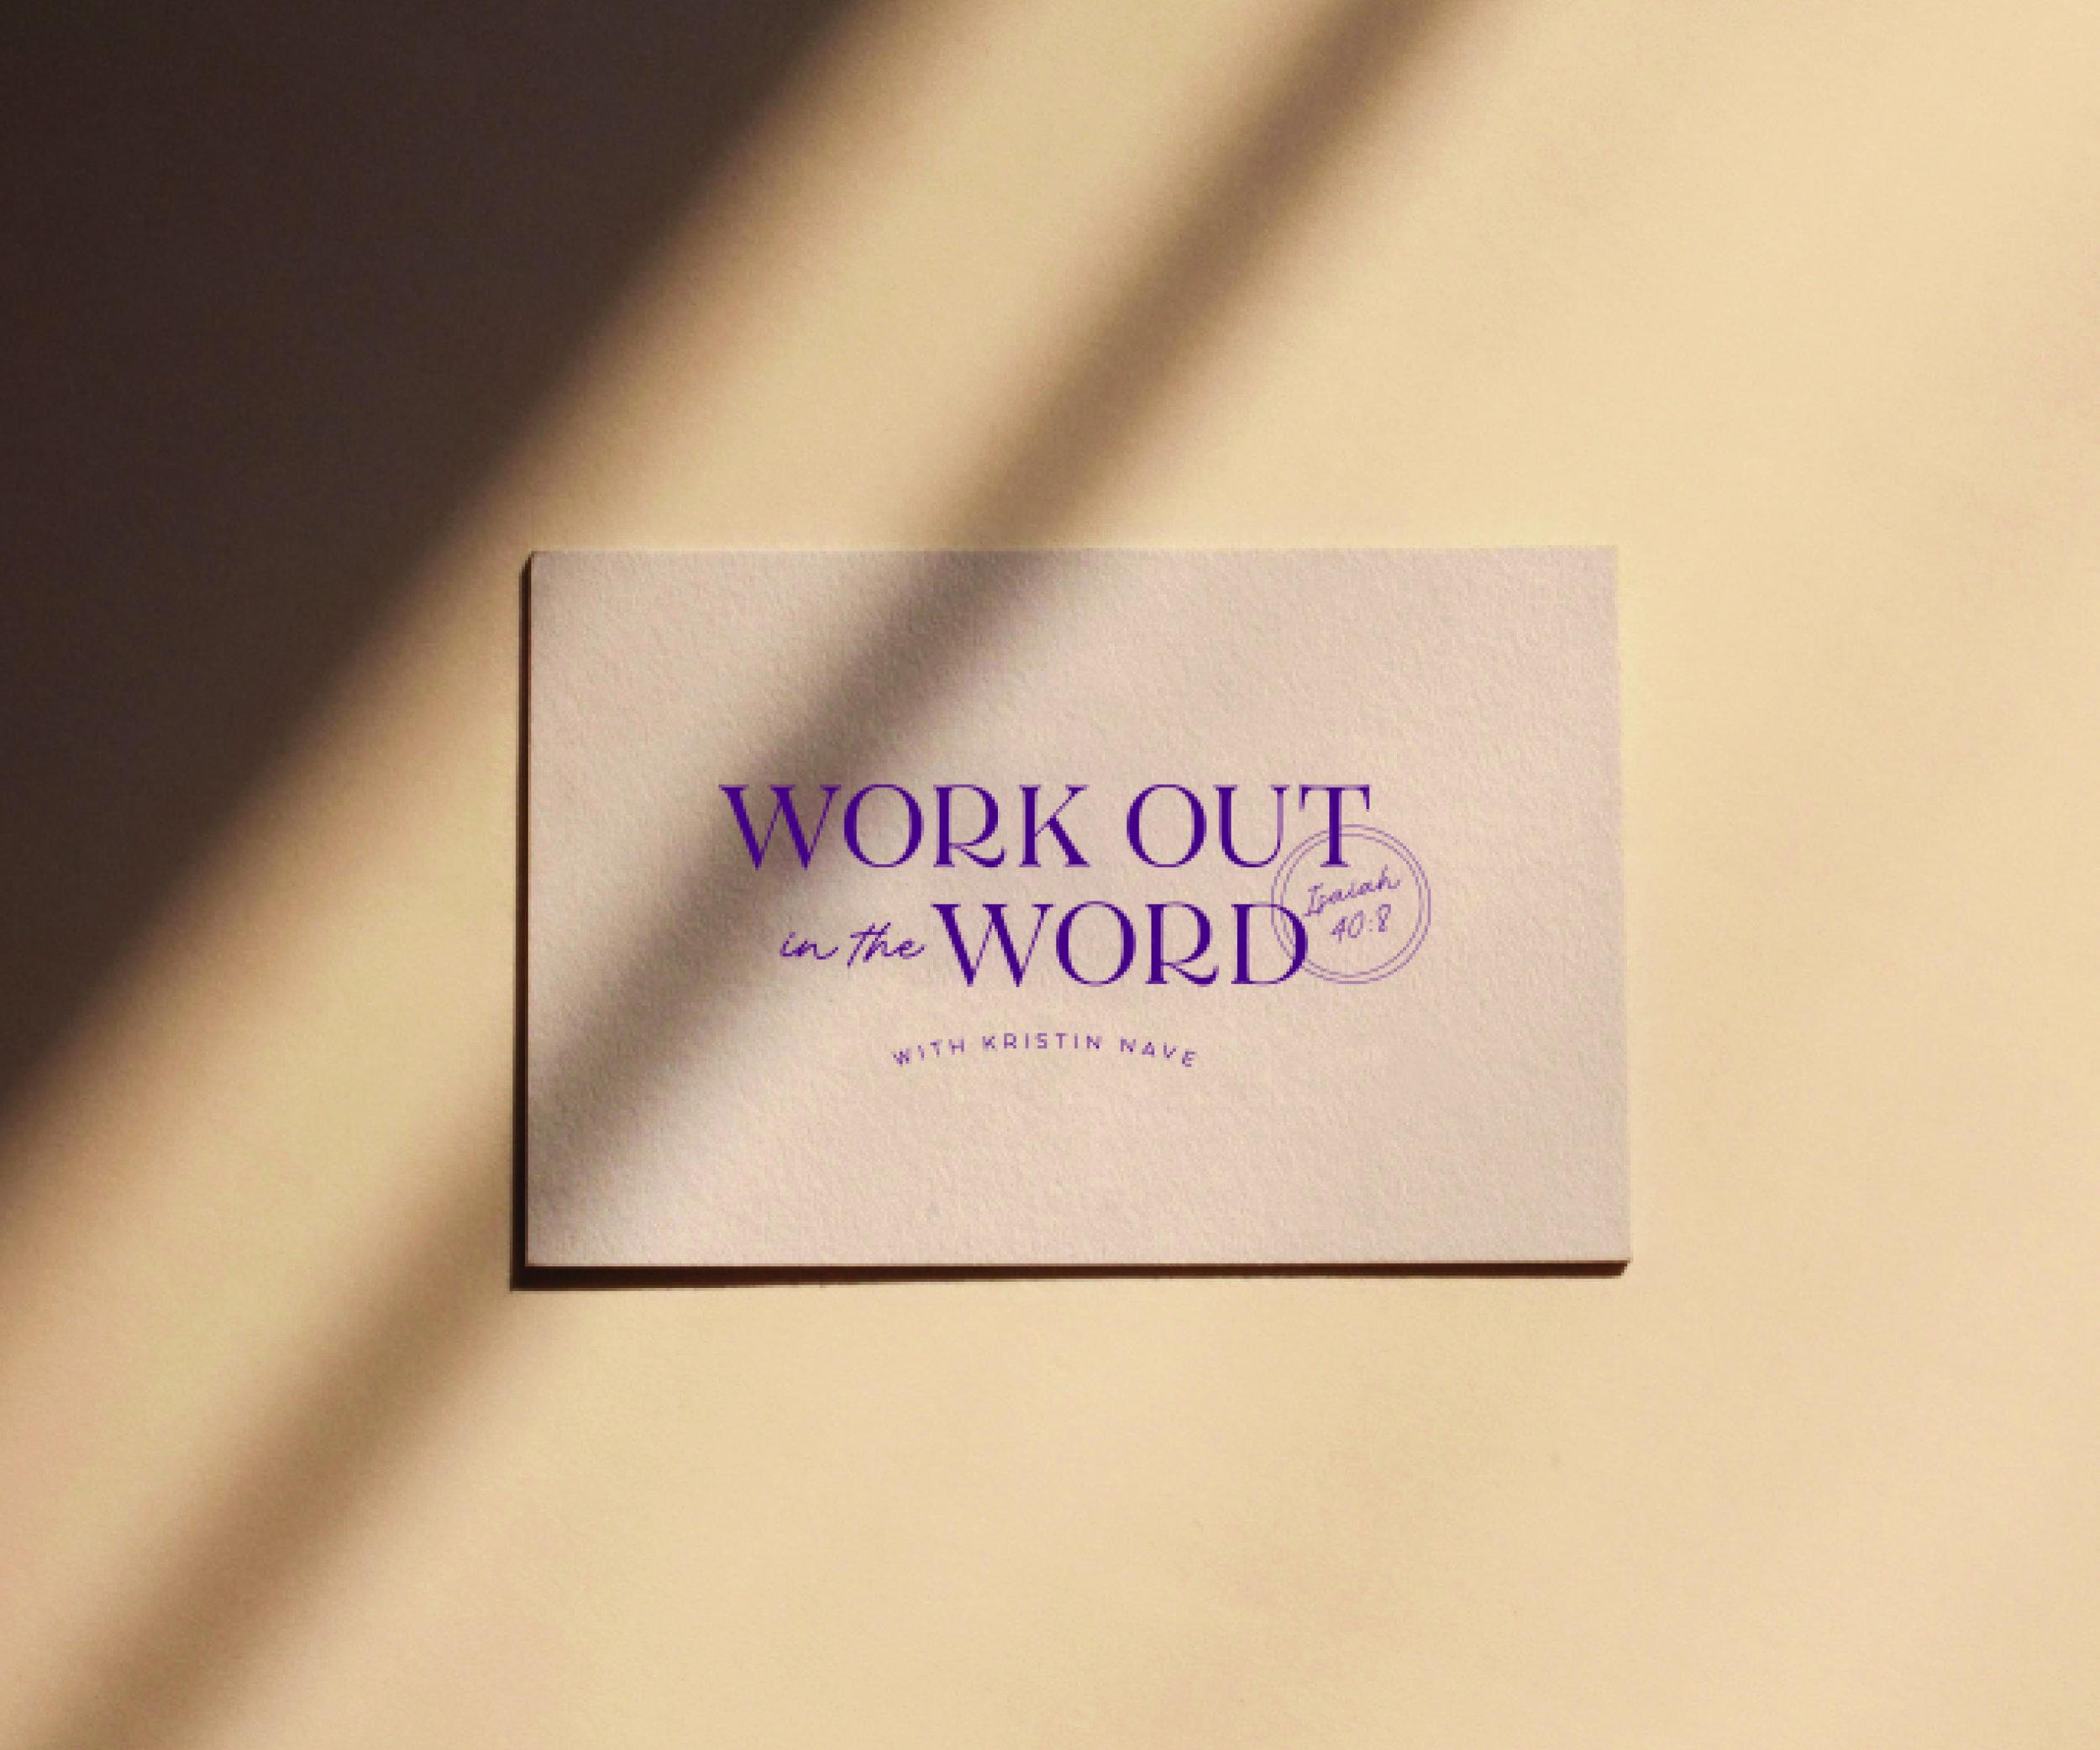 WorkoutInTheWord7.jpg